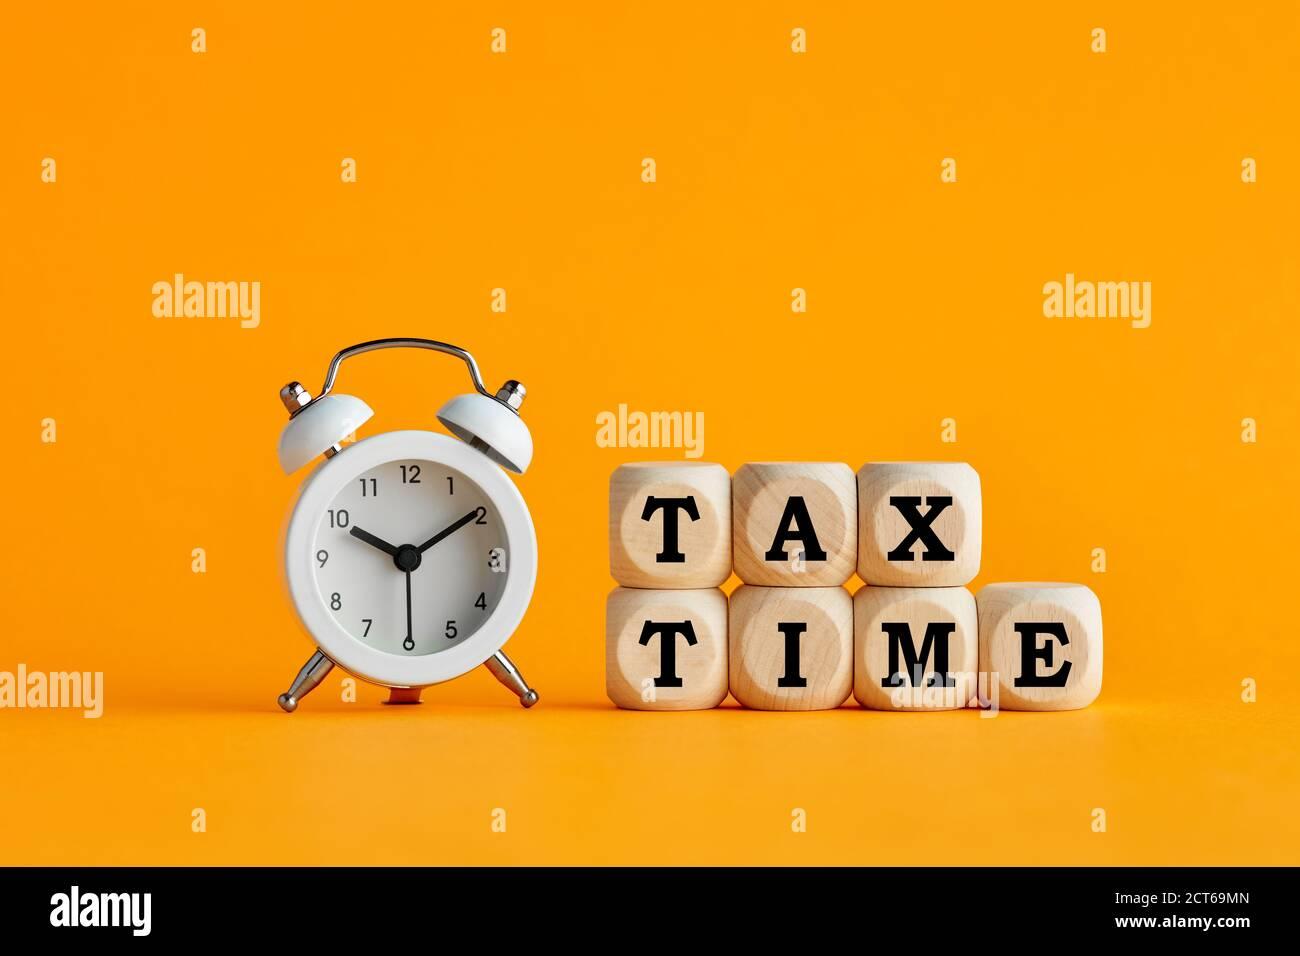 Das Wort Steuerzeit auf Holzwürfel mit Wecker auf gelbem Hintergrund geschrieben. Steuererinnerung oder jährliches Steuerkonzept. Stockfoto